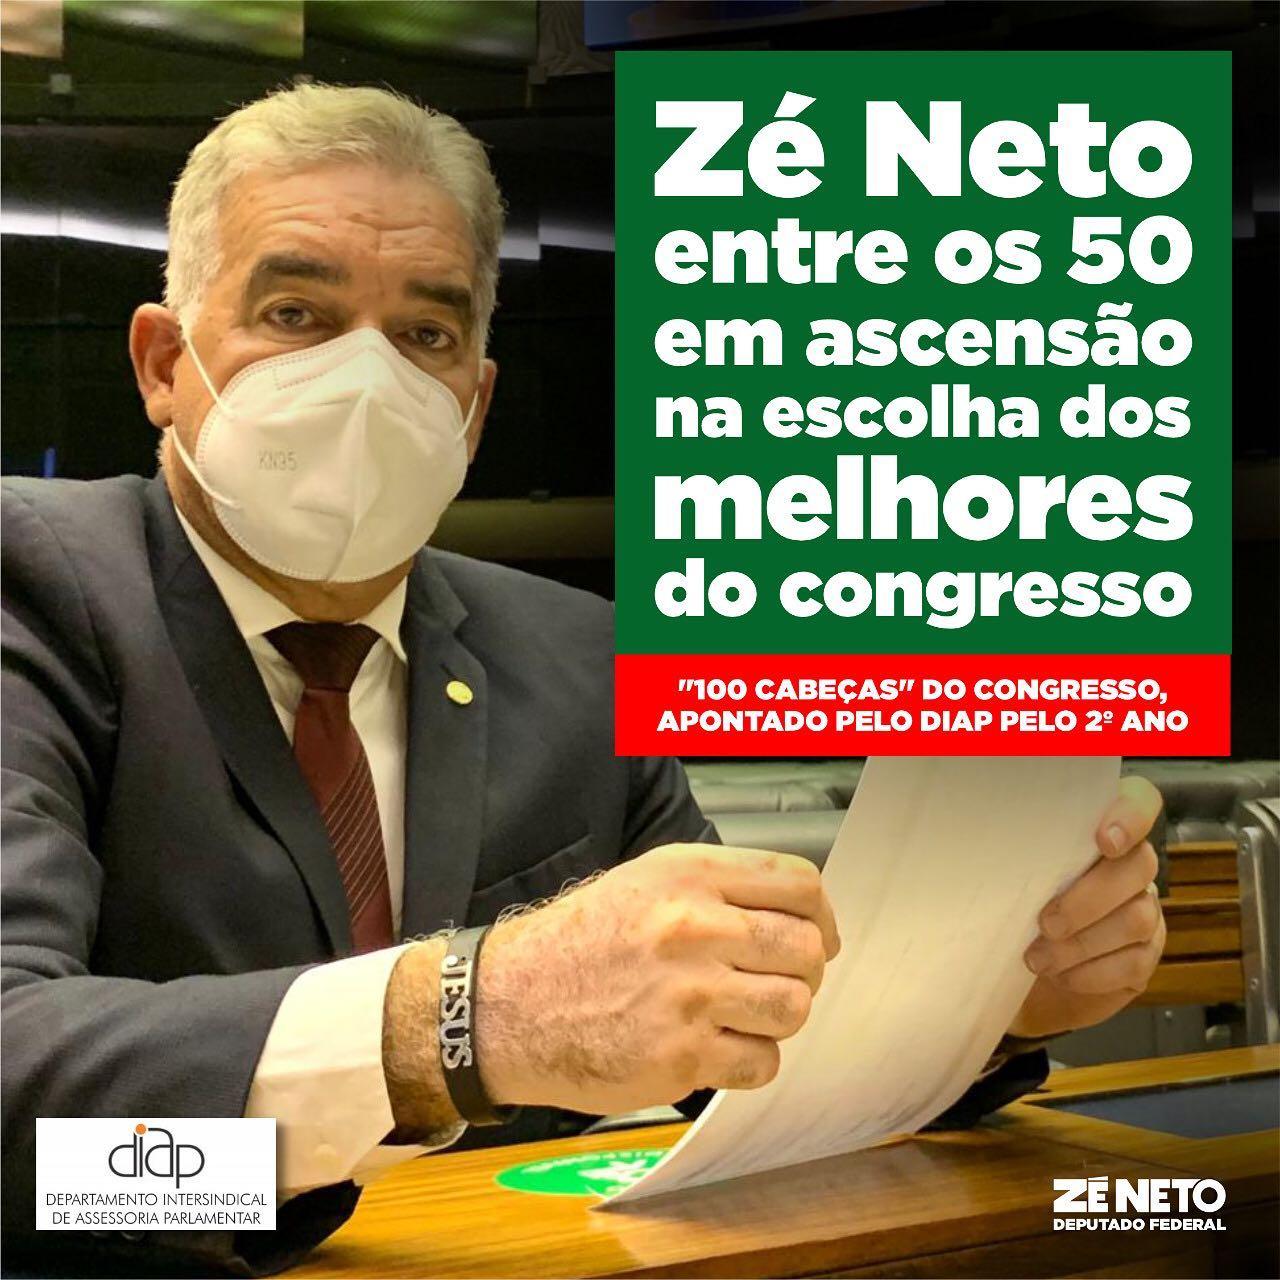 Zé Neto está entre os 50 em ascensão na escolha dos melhores do congresso